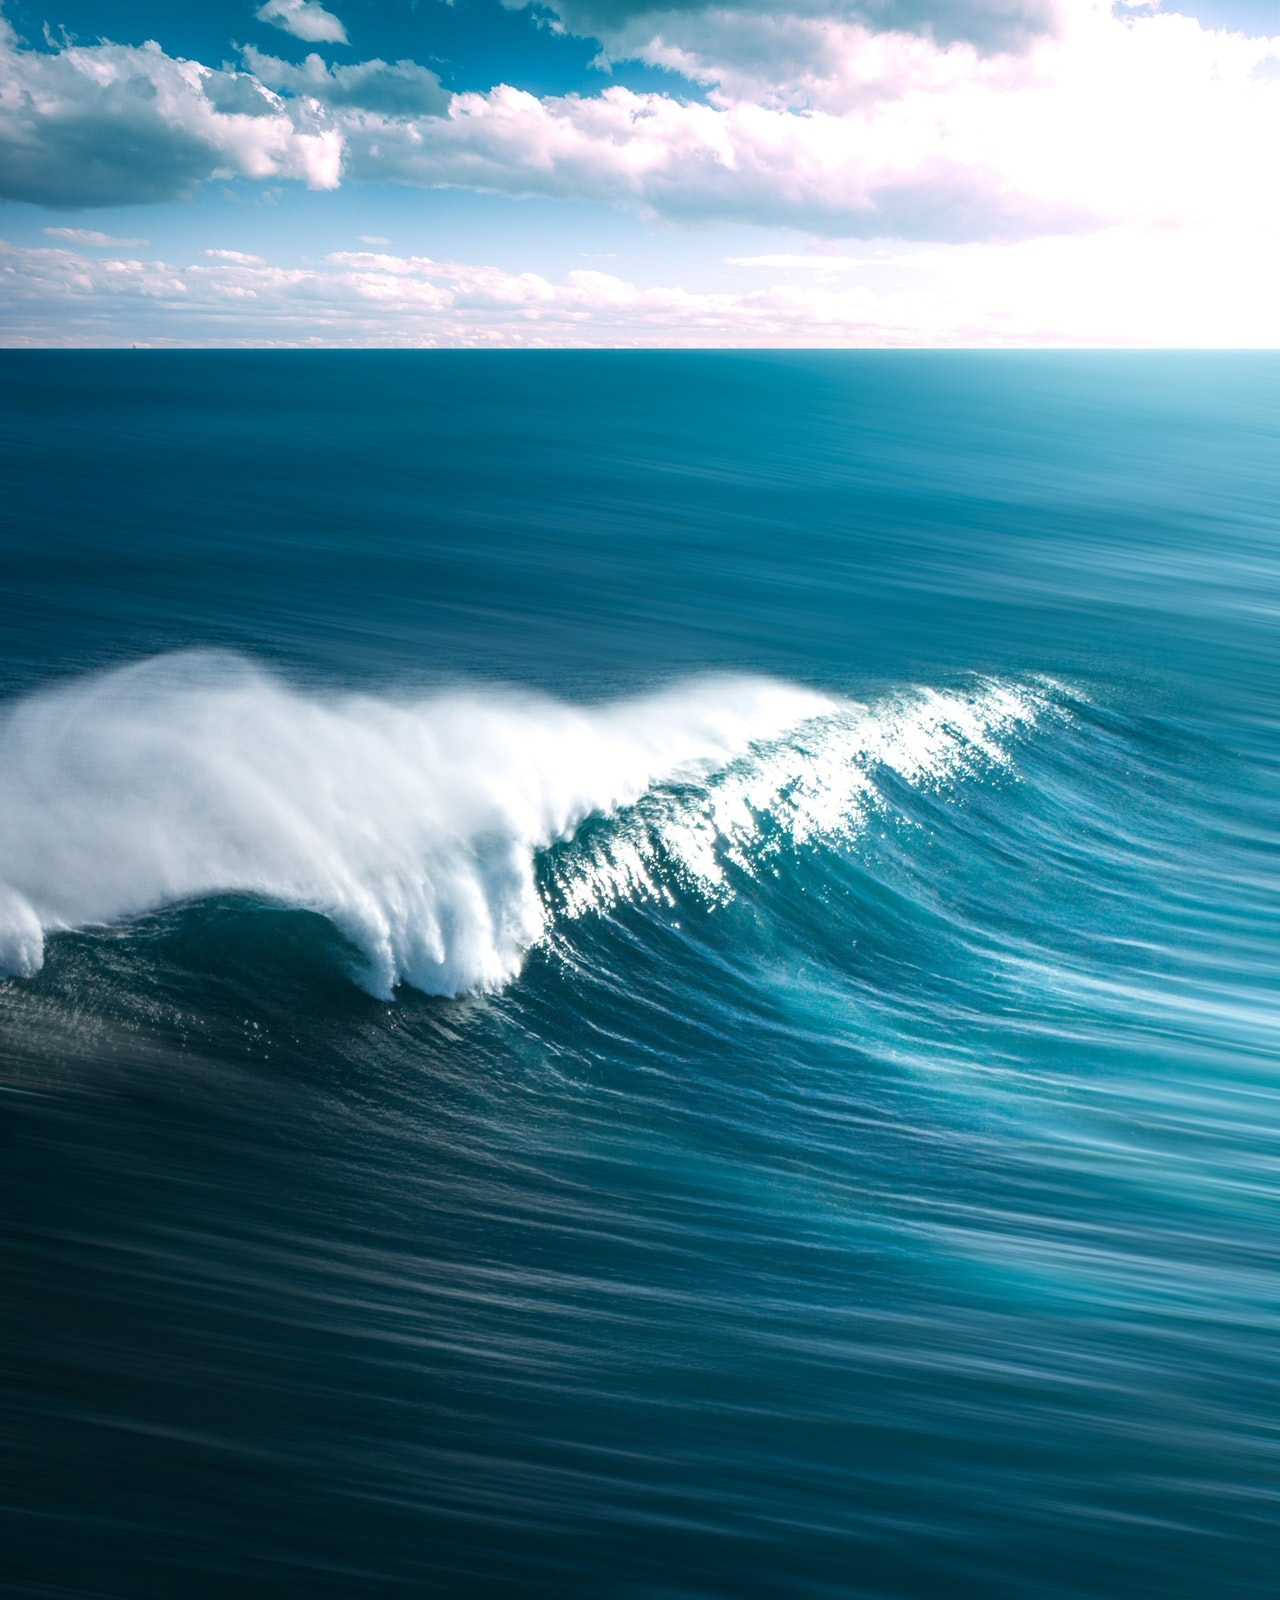 10 Gambar Pemandangan Laut Yang Indah Gambar Indah